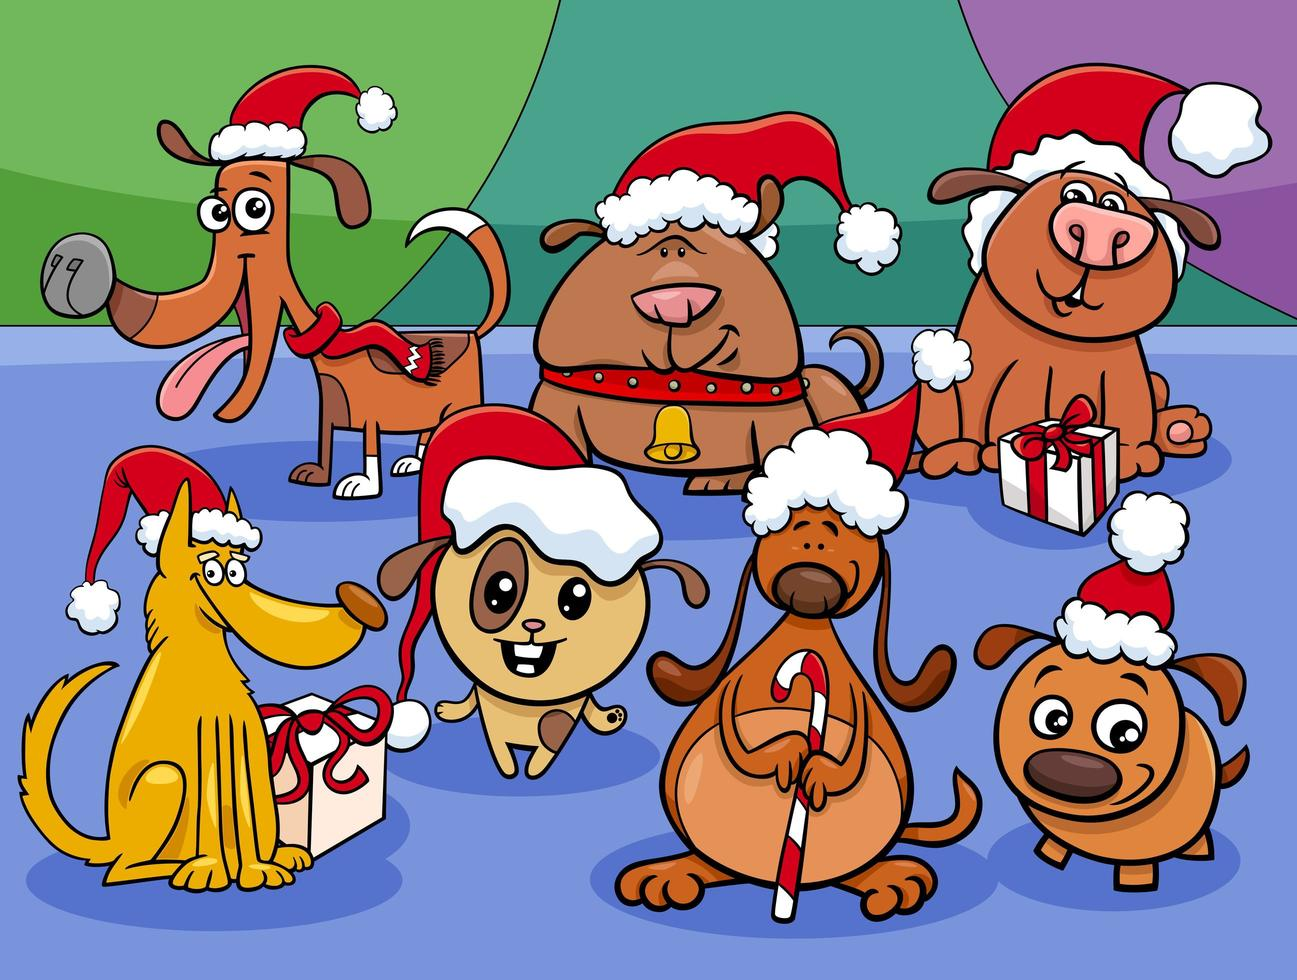 grupo de personajes de cachorros de dibujos animados en navidad vector